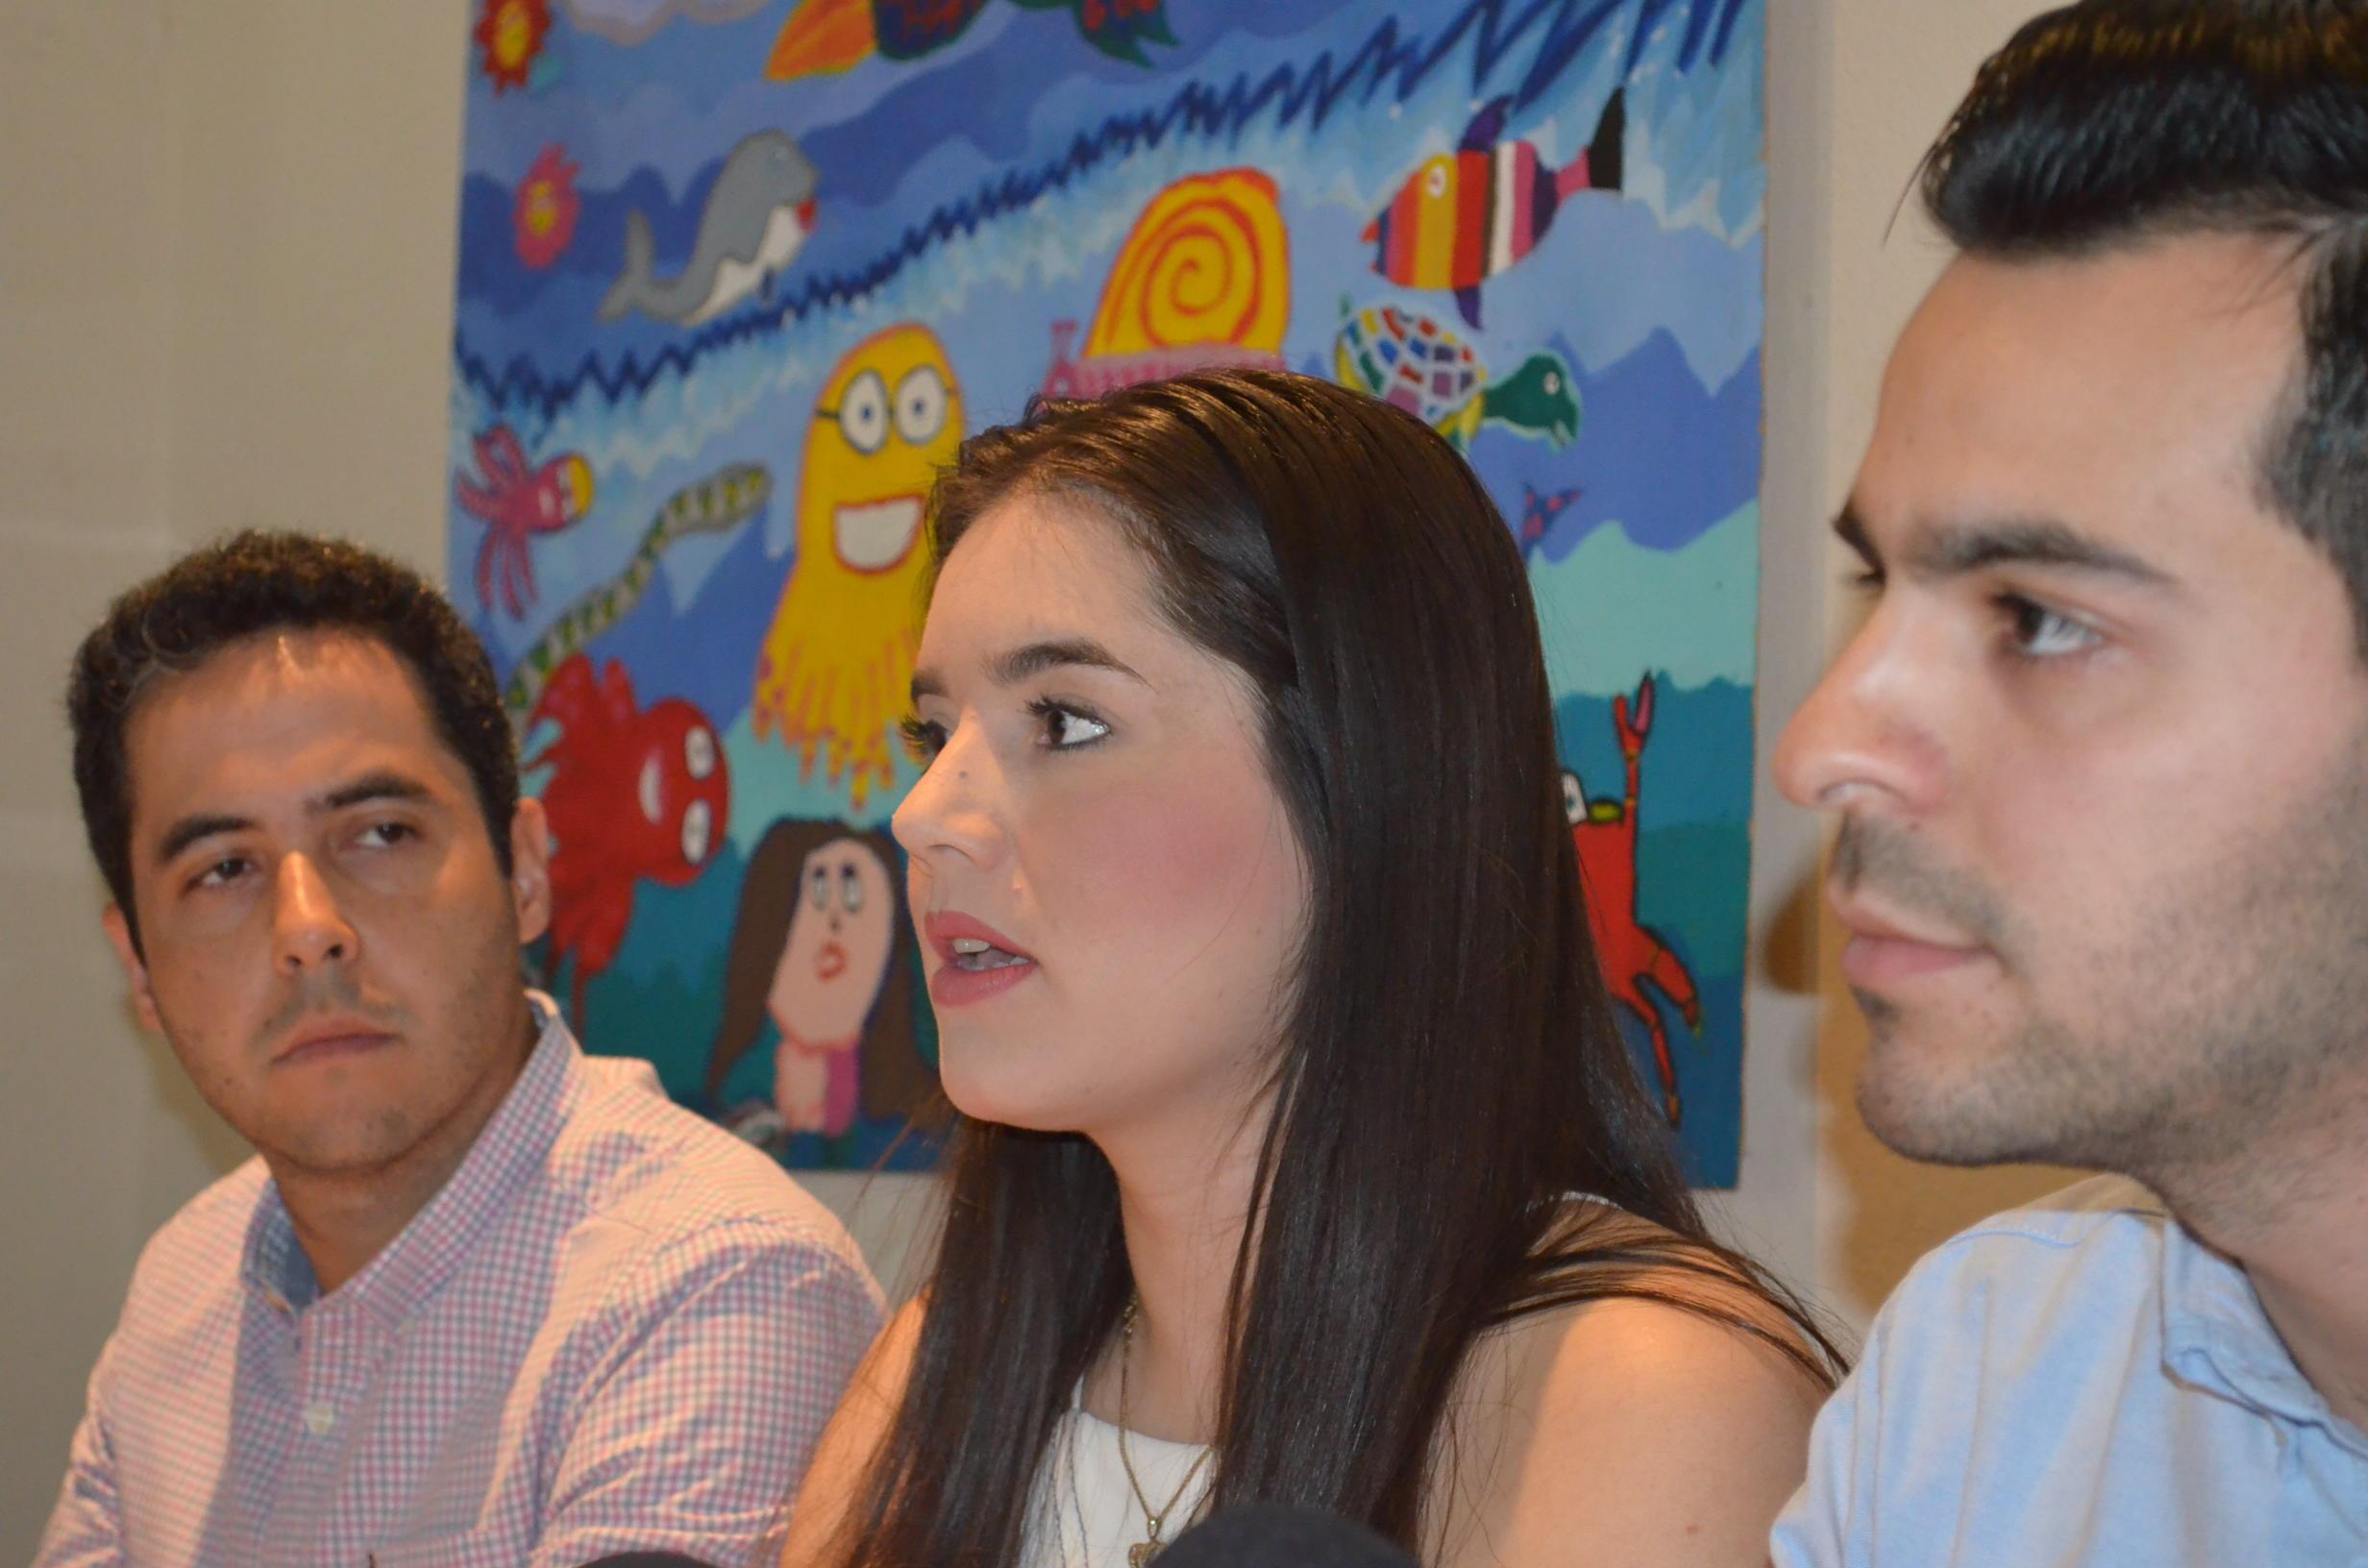 Miembros del CIJ manifiestan que los eventos en favor del sector empresarial son apartidistas. Fotografía: Gabriela Sánchez